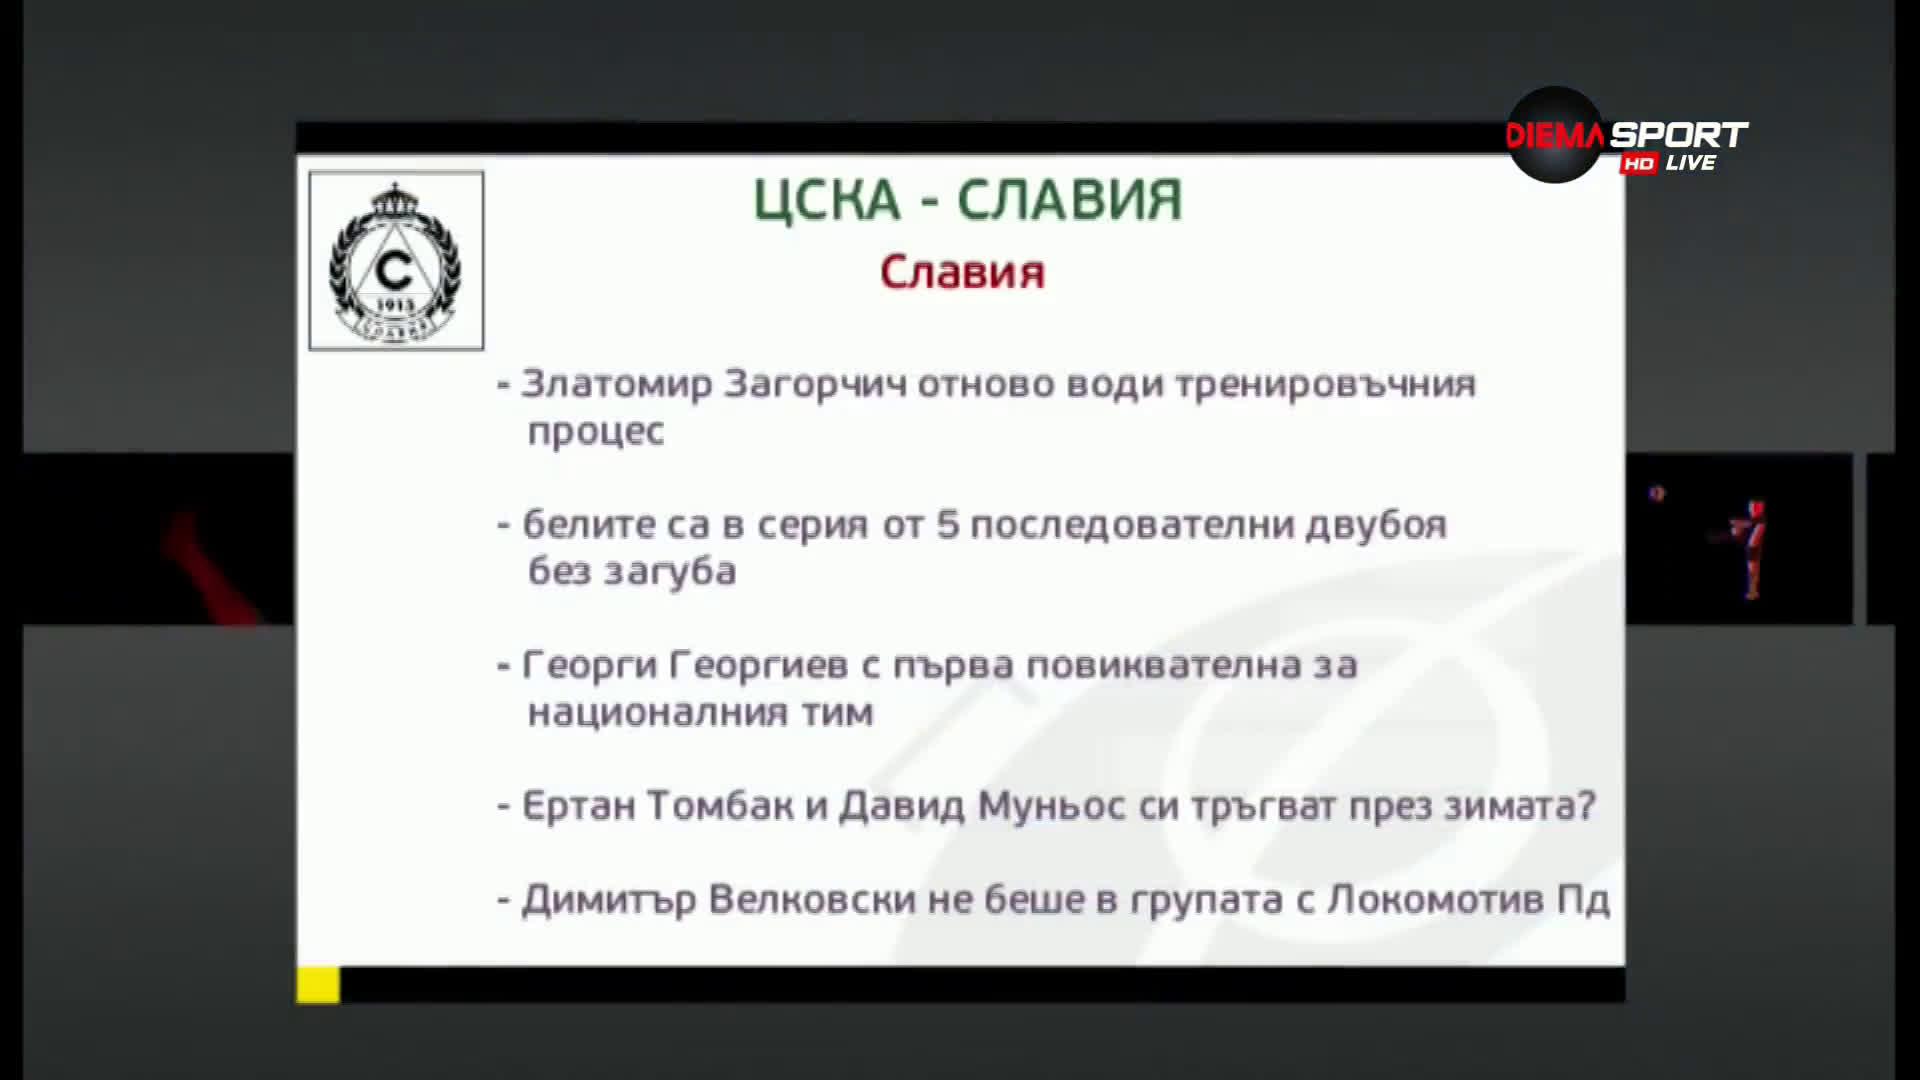 Преди ЦСКА - Славия